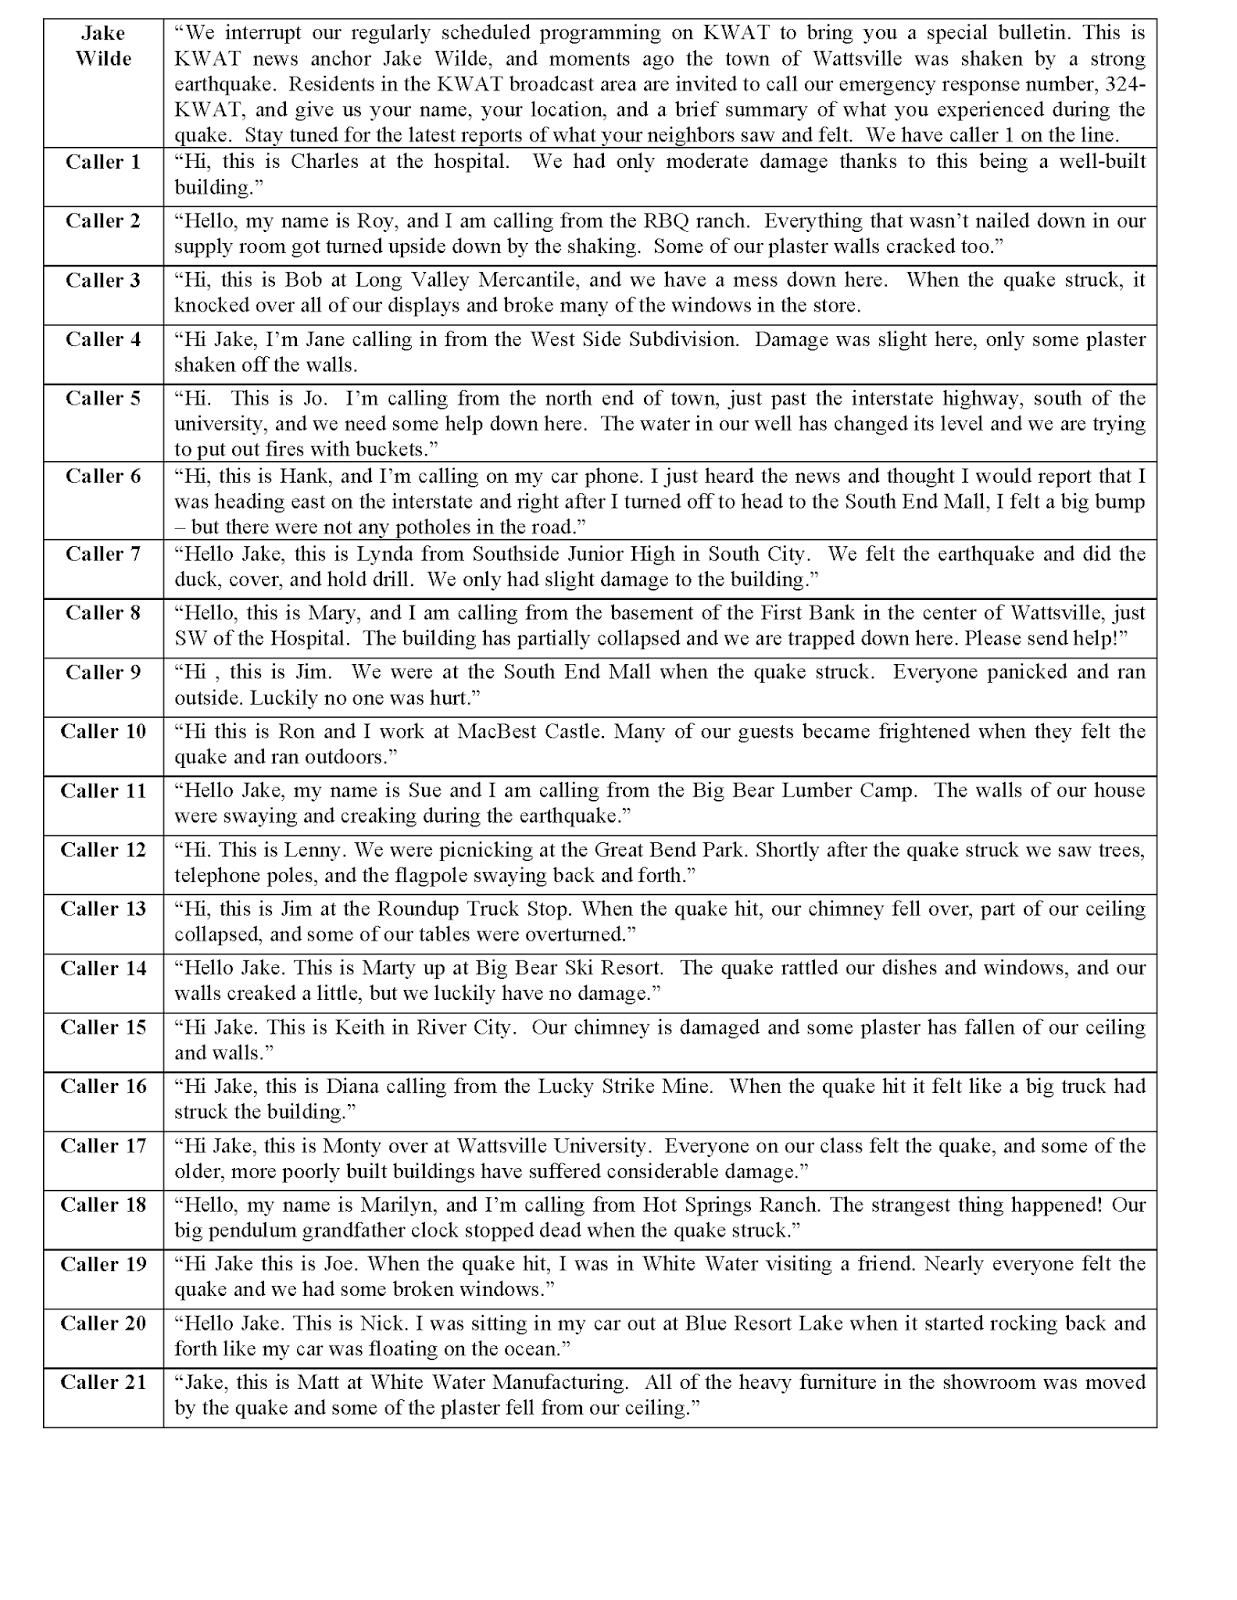 Earthquake Vocabulary Worksheet Answers - Adriaticatoursrl